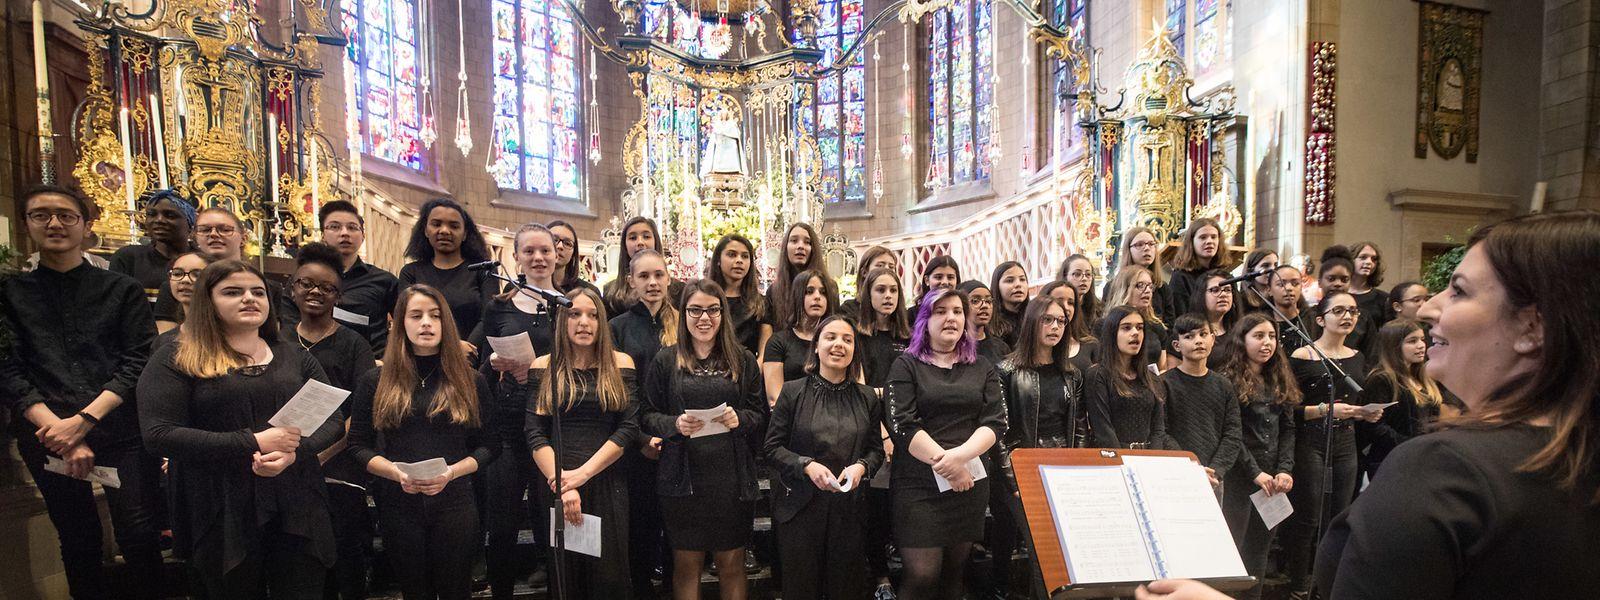 """Mit dem Disney-Lied """"How far I'll go"""" sangen sich die Mitglieder des Fieldgenchores bei der Muttergottesoktave in die Herzen der Gemeinschaft."""